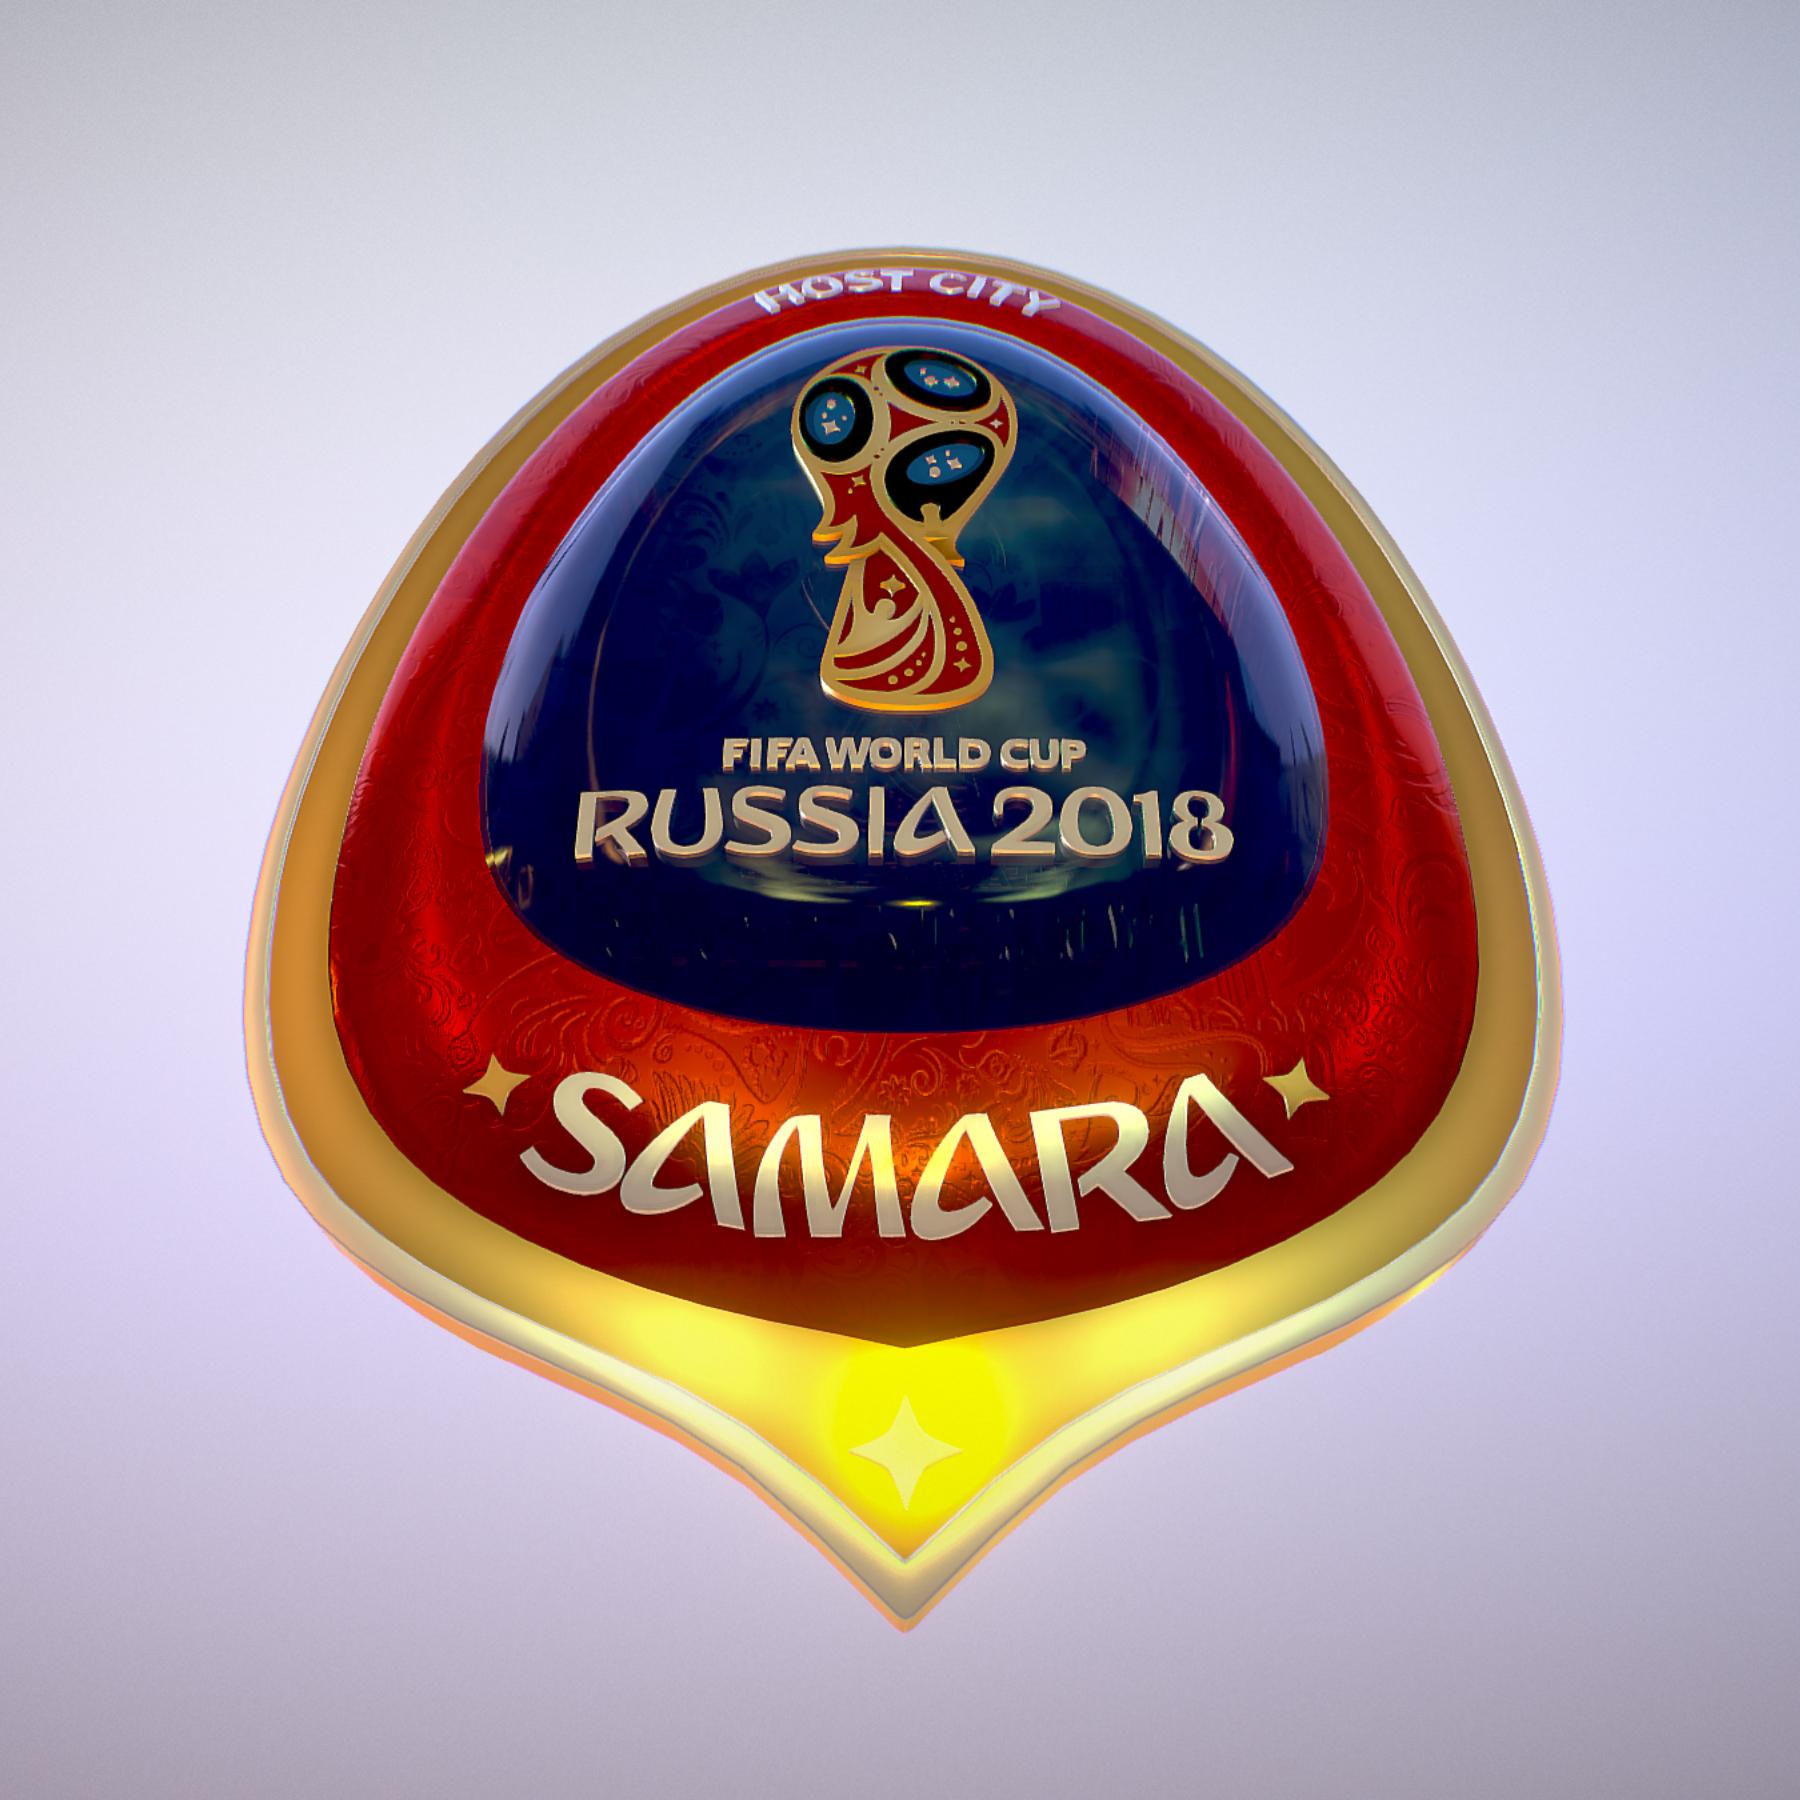 samara host city world cup russia 2018 symbol 3d model max  fbx jpeg jpg ma mb obj 271817